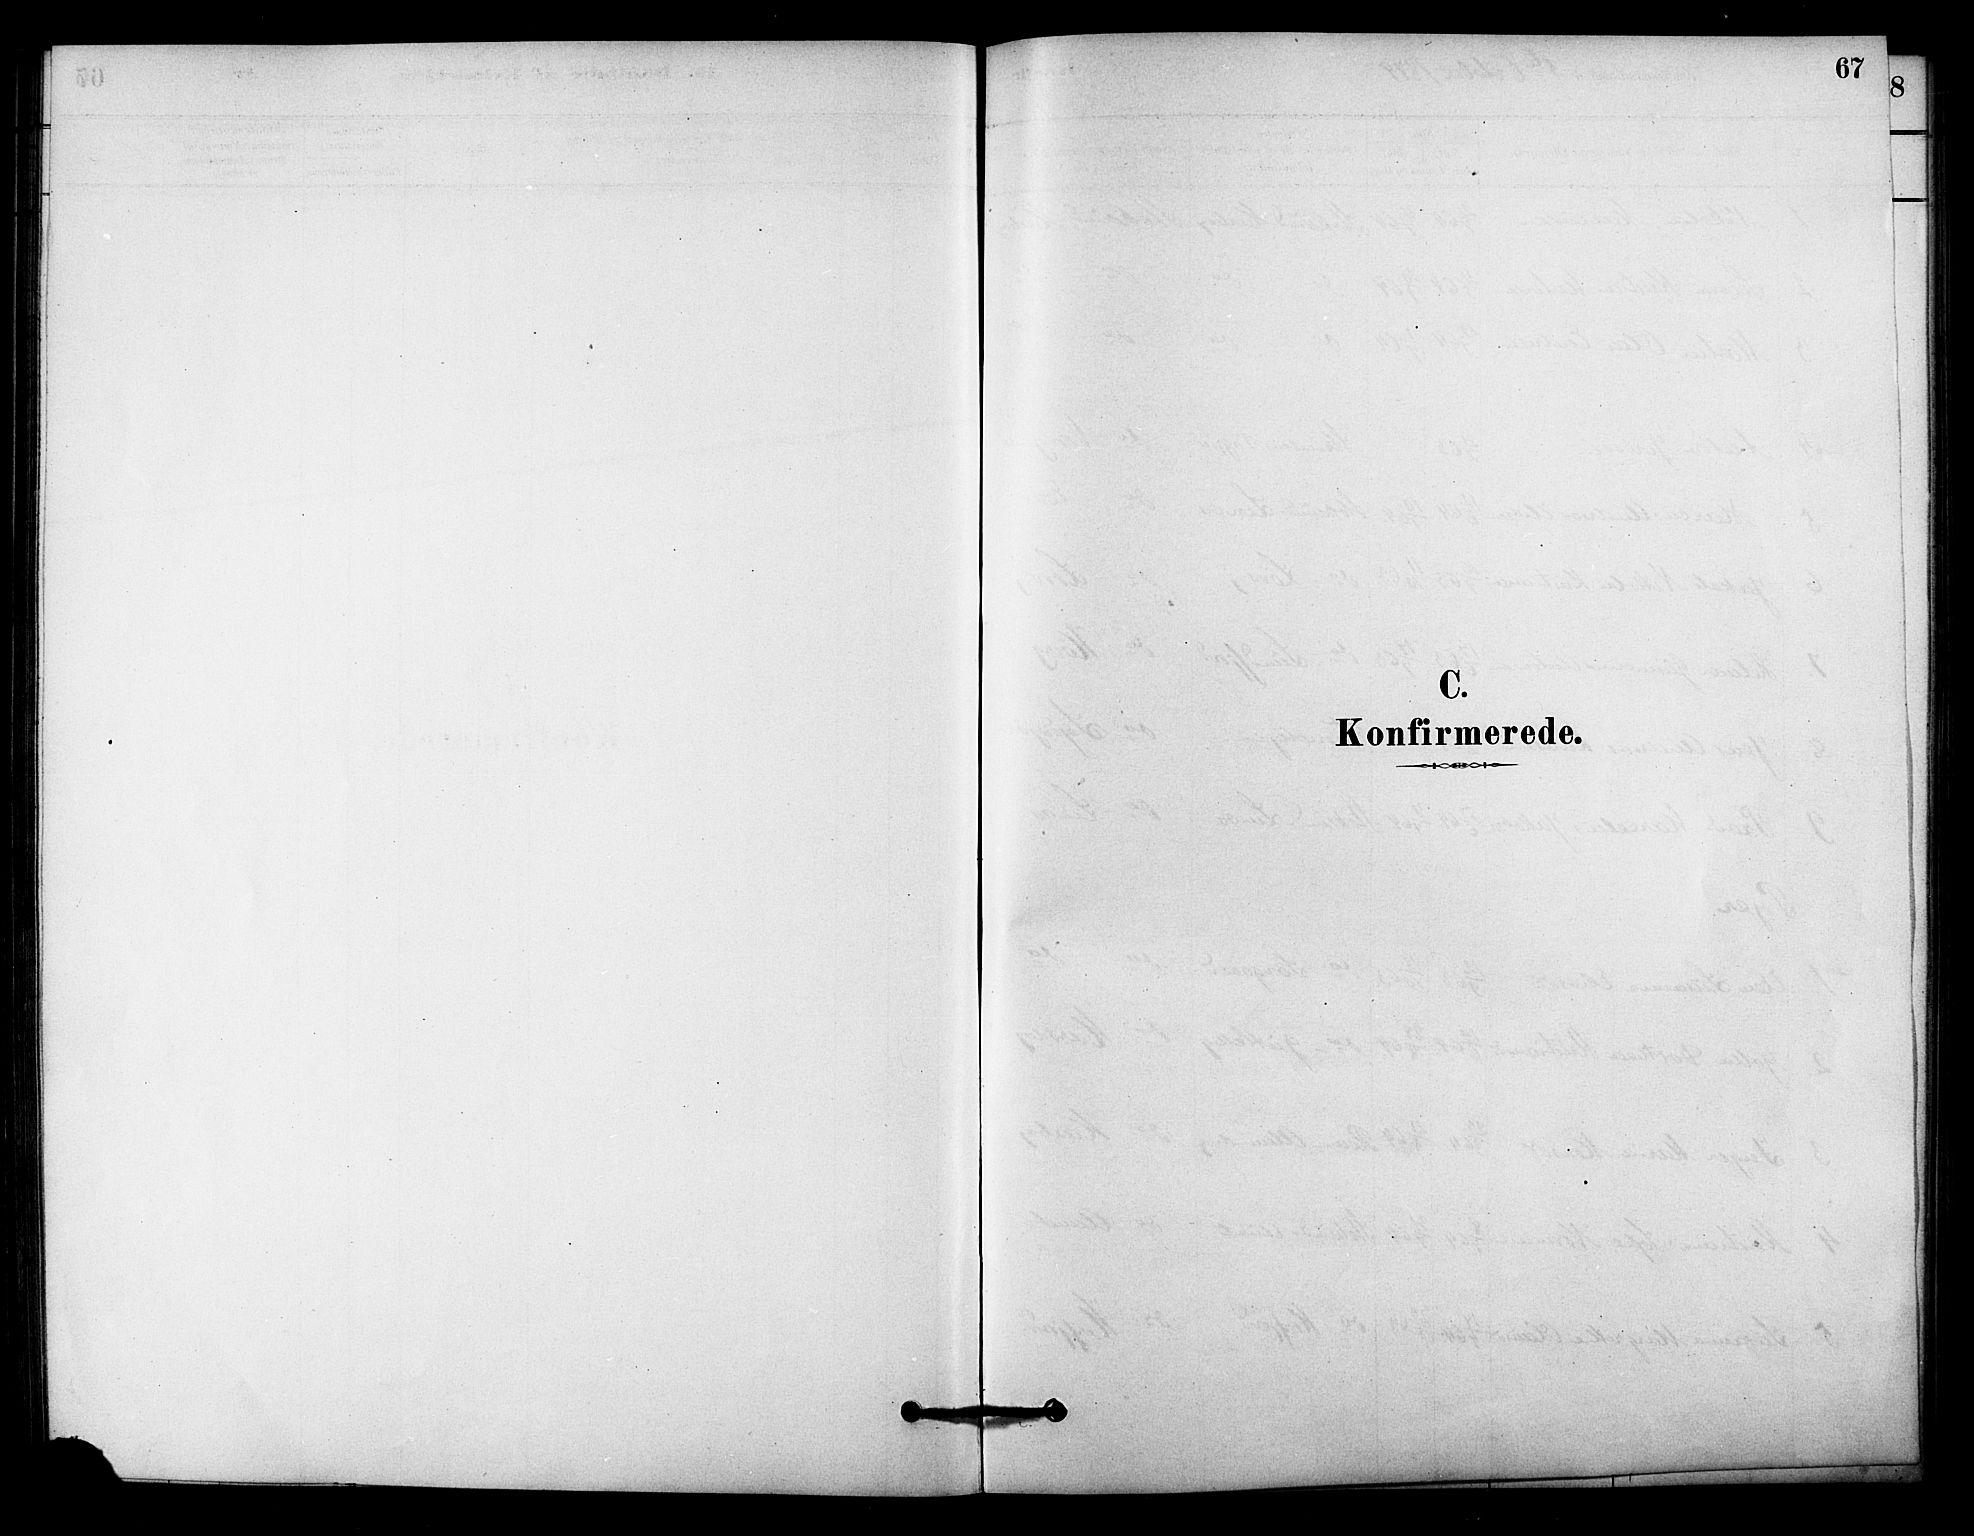 SAT, Ministerialprotokoller, klokkerbøker og fødselsregistre - Sør-Trøndelag, 656/L0692: Ministerialbok nr. 656A01, 1879-1893, s. 67